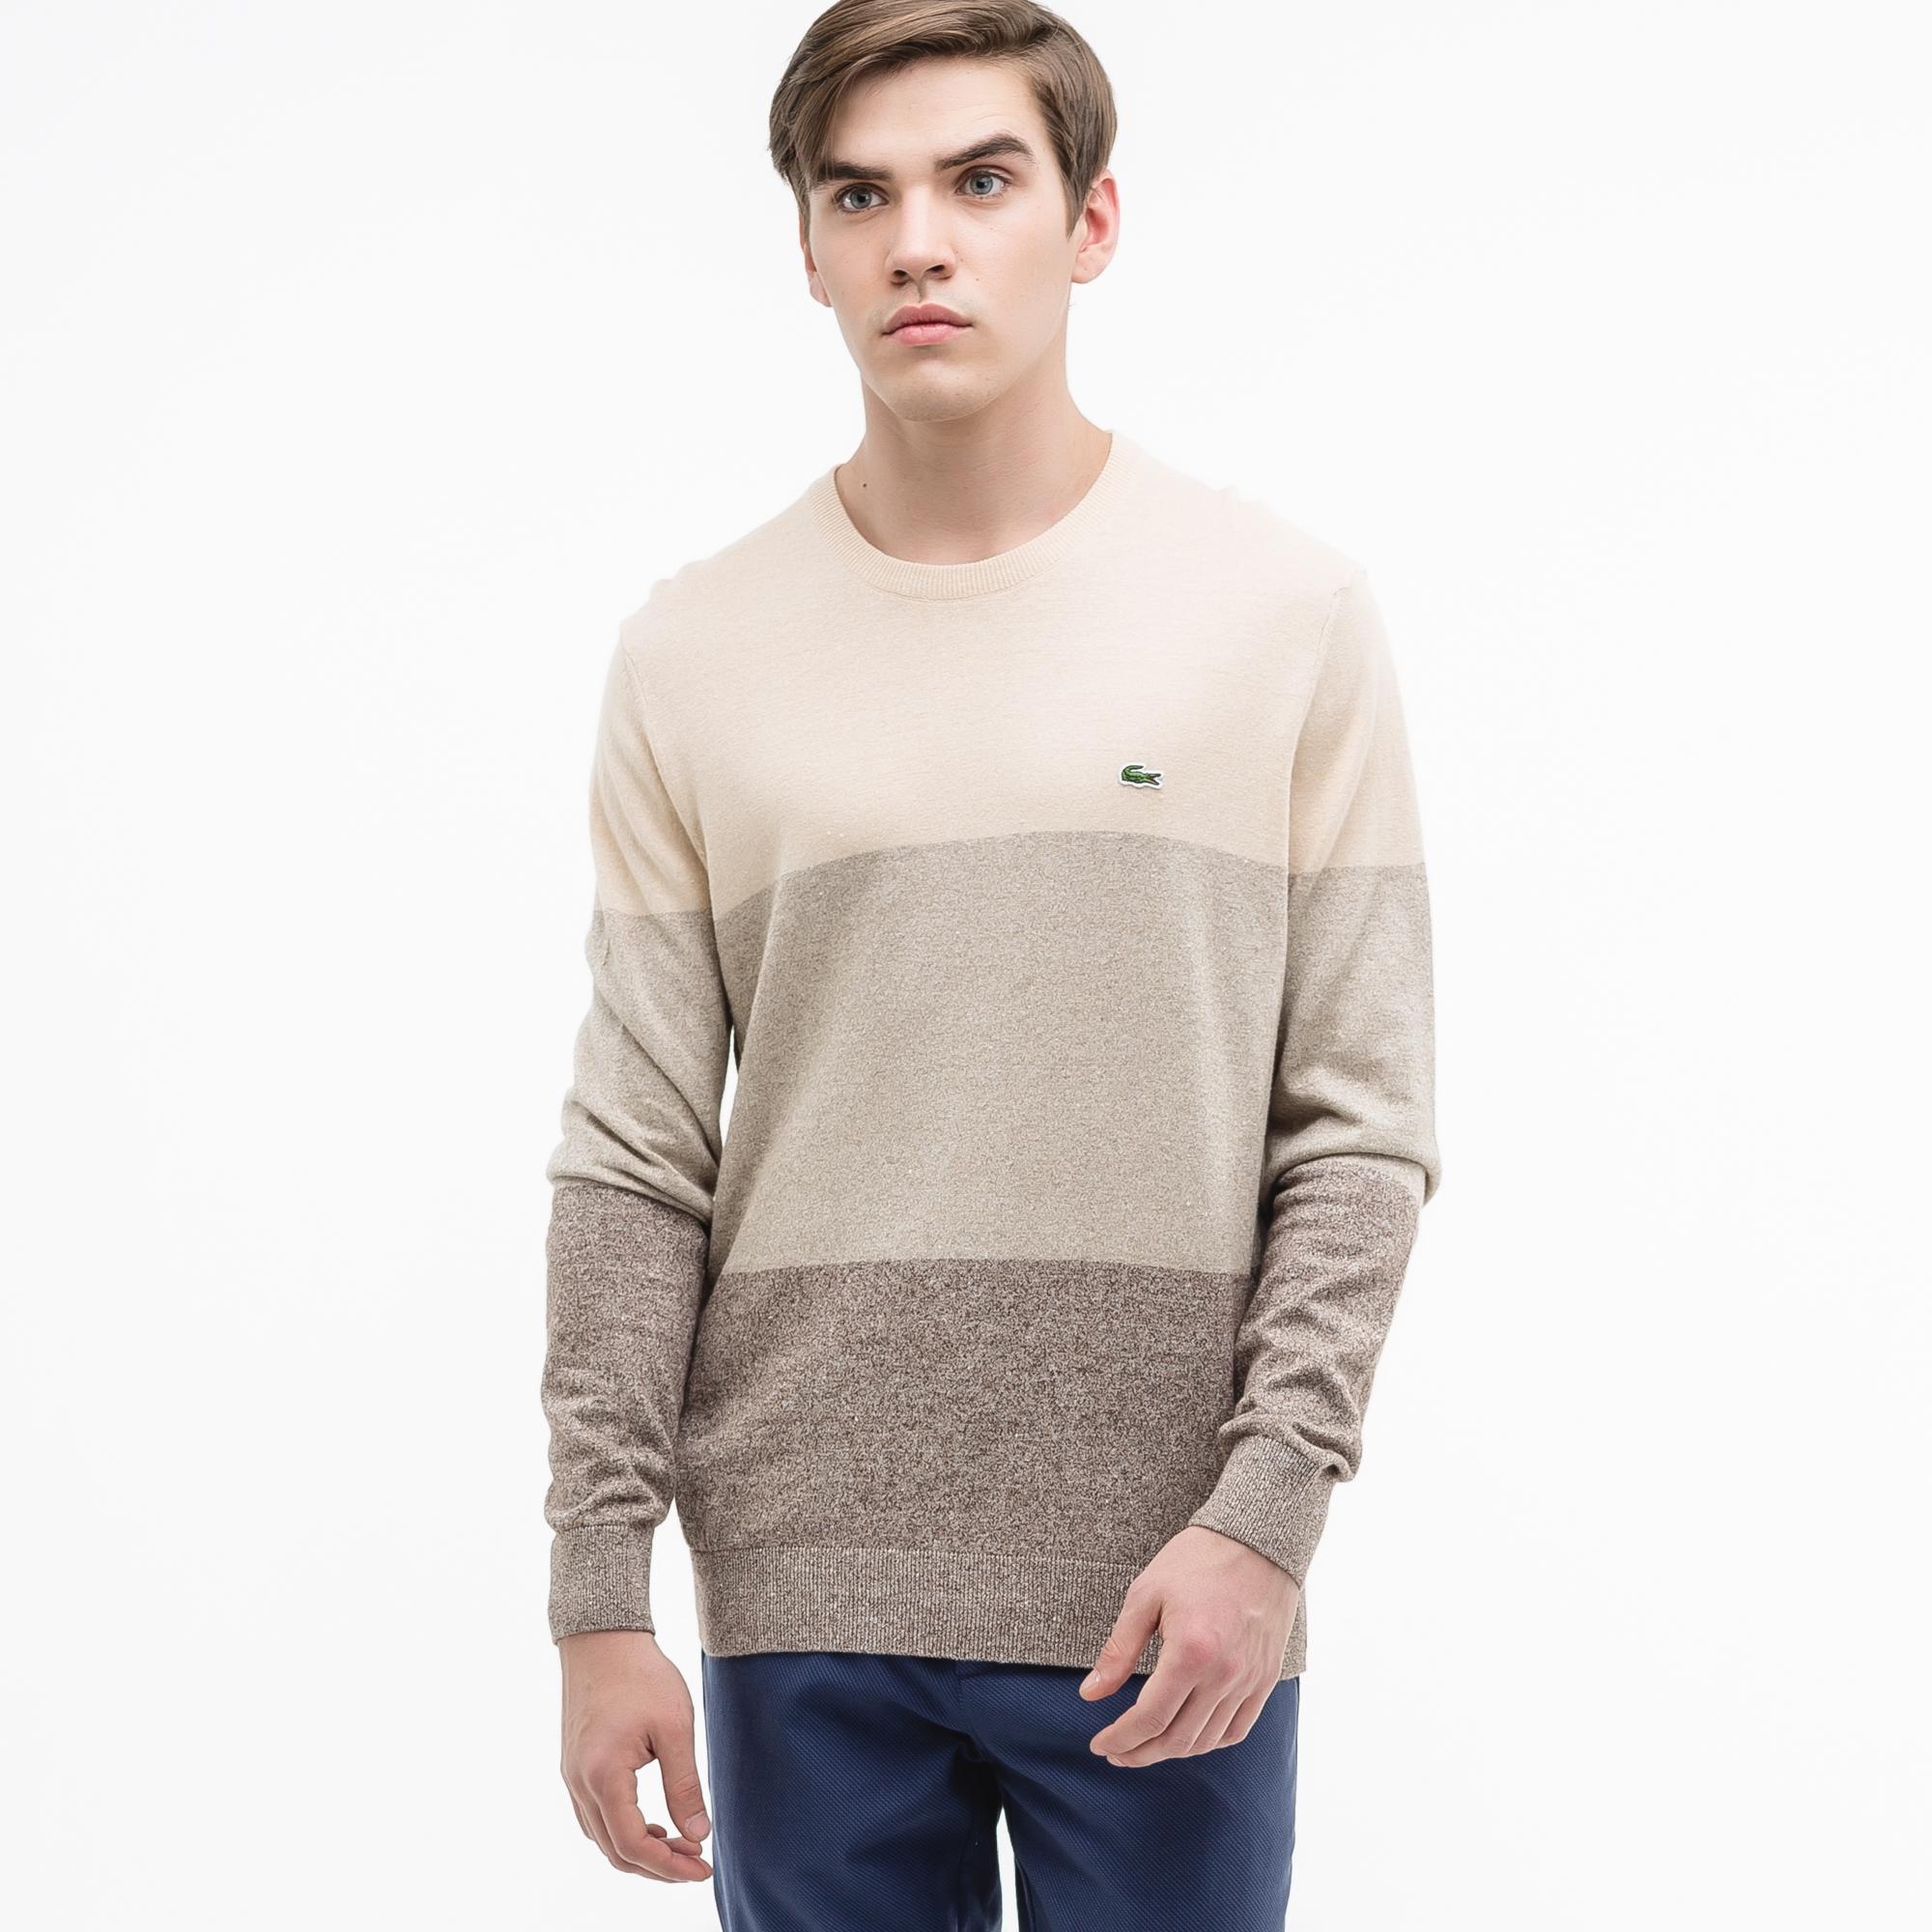 Свитер LacosteСвитеры<br>Детали: стильный мужской свитер с принтом  \ Материал: 55% хлопок 45% лен \ Страна производства: Турция